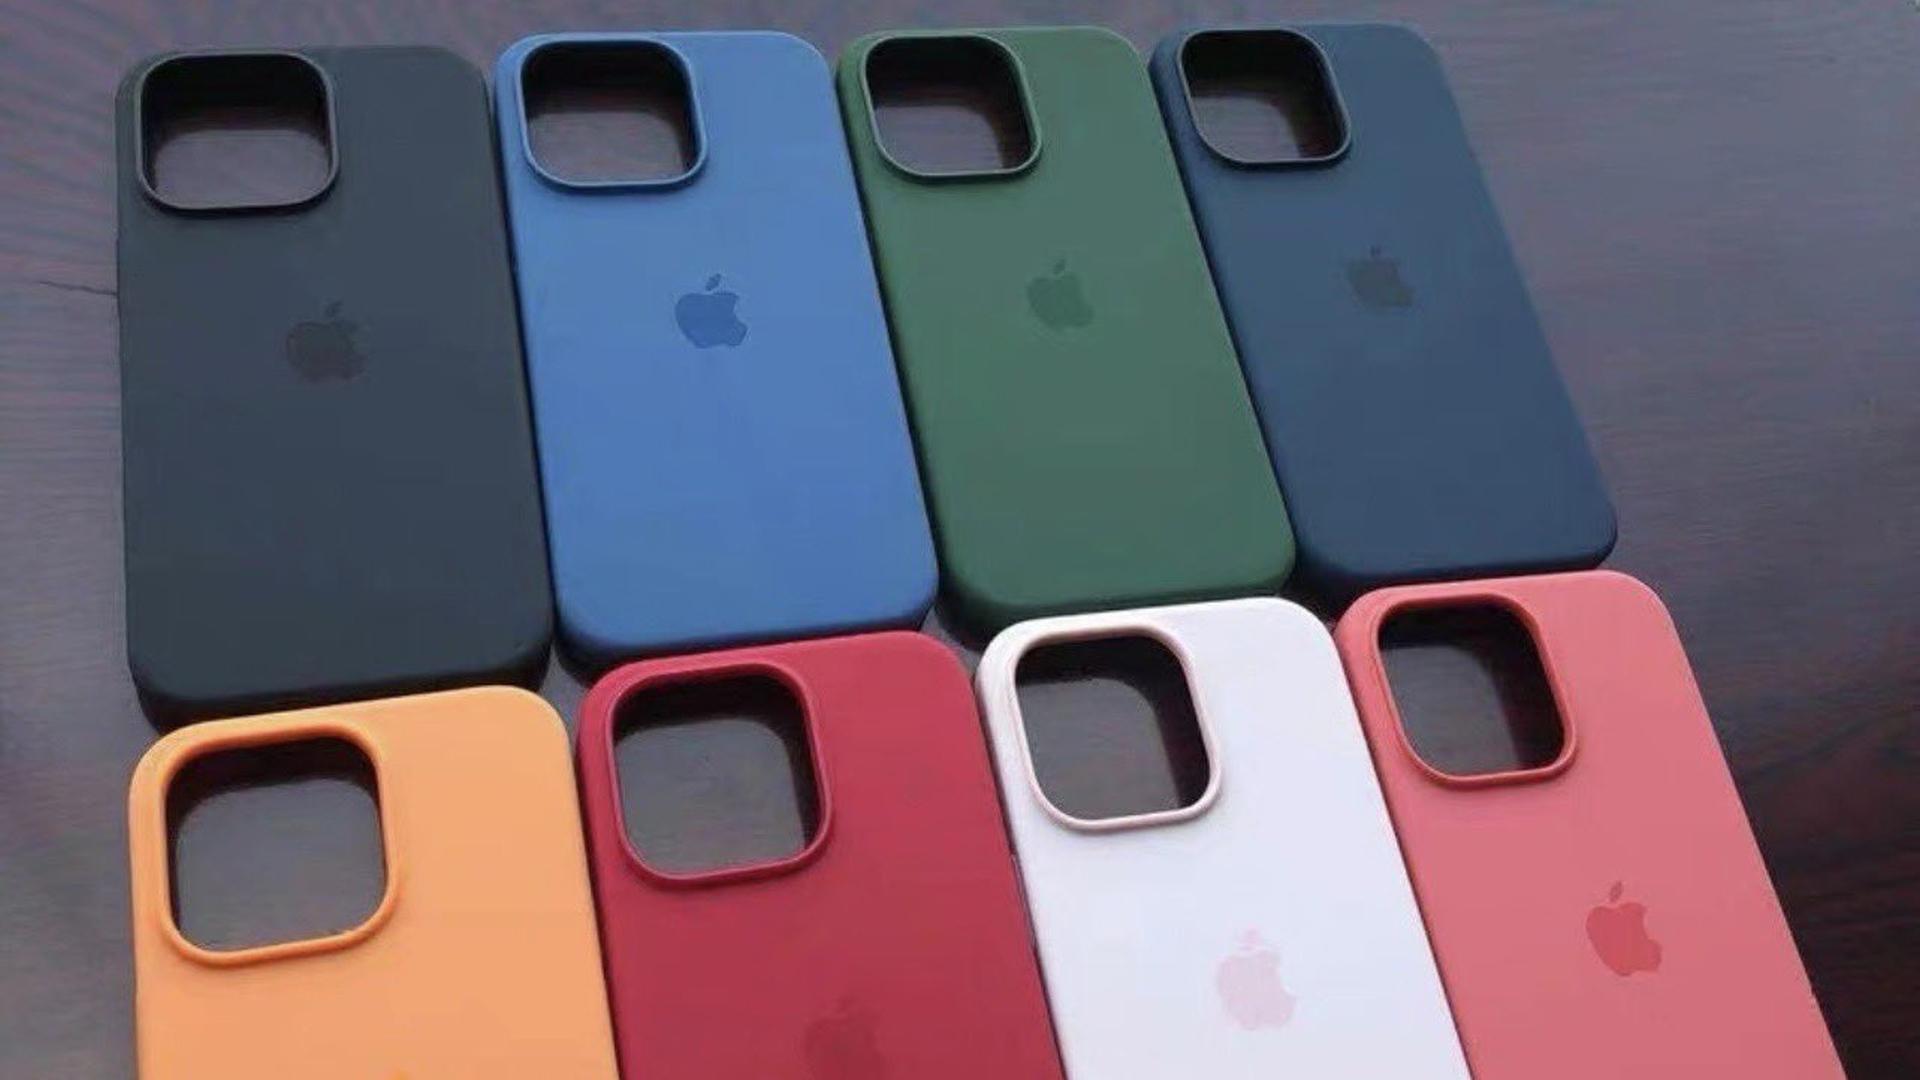 Prawdopodobne wersje kolorystyczne etui do iPhone'ów 13